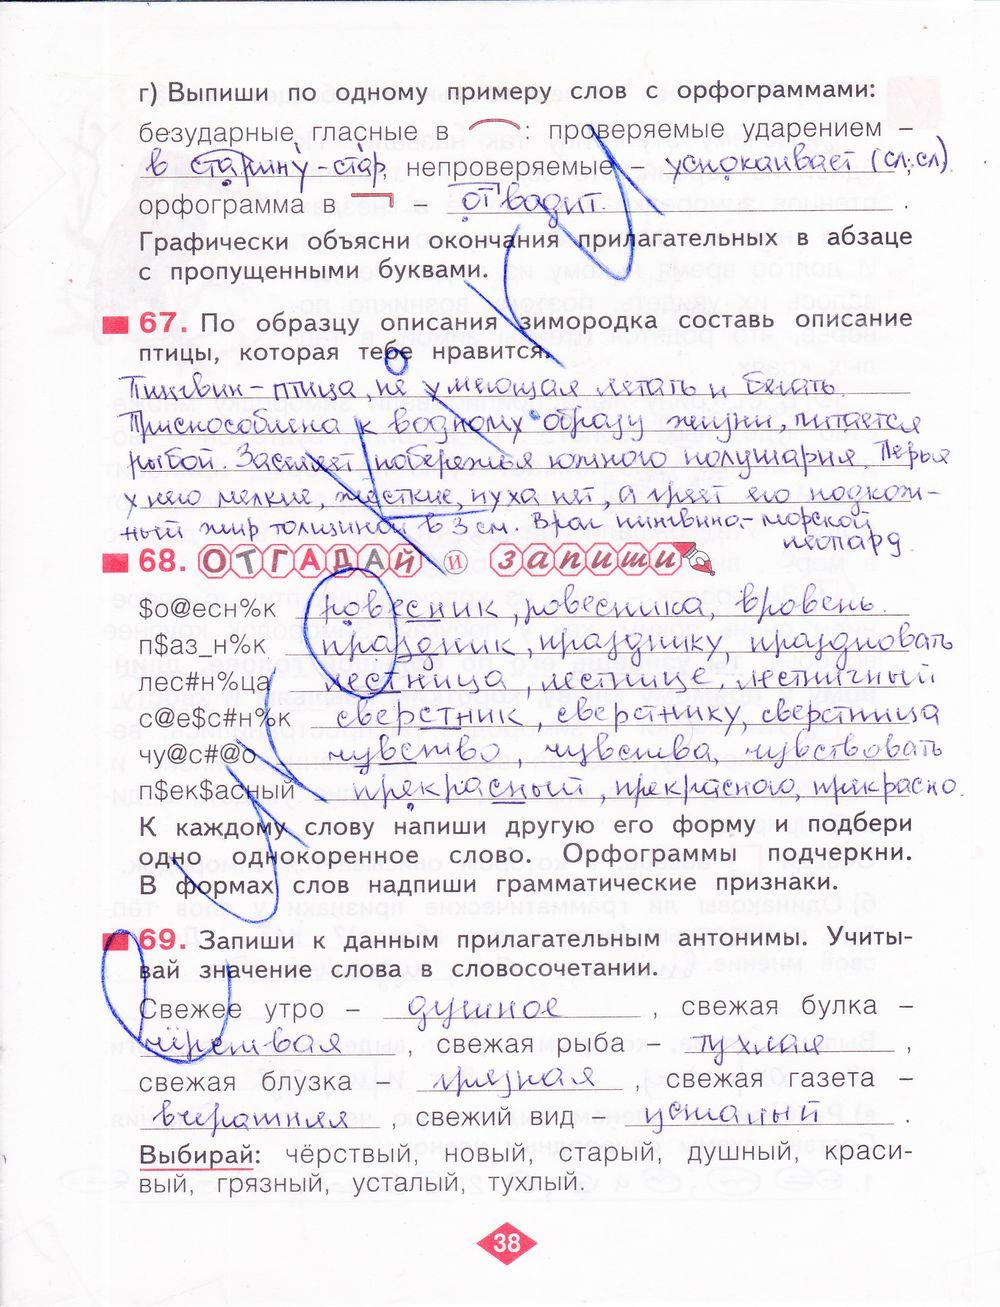 Практические задания к учебнику география 7 класс галай андриевская